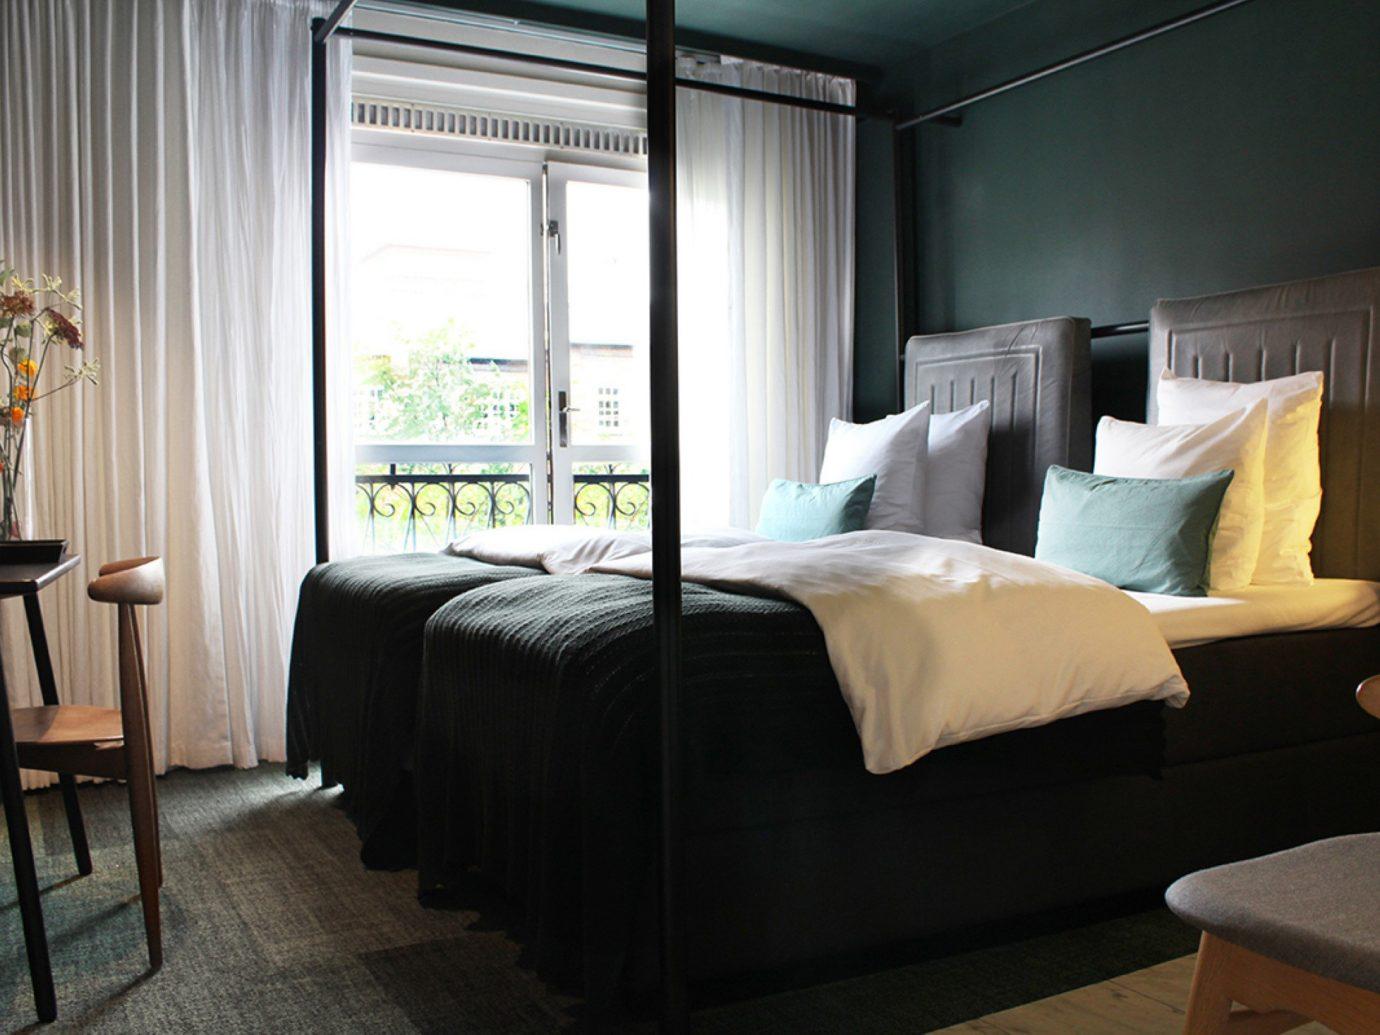 Boutique Hotels Copenhagen Denmark Hotels indoor floor wall bed hotel room chair Bedroom bed frame interior design desk Suite furniture mattress ceiling window lamp